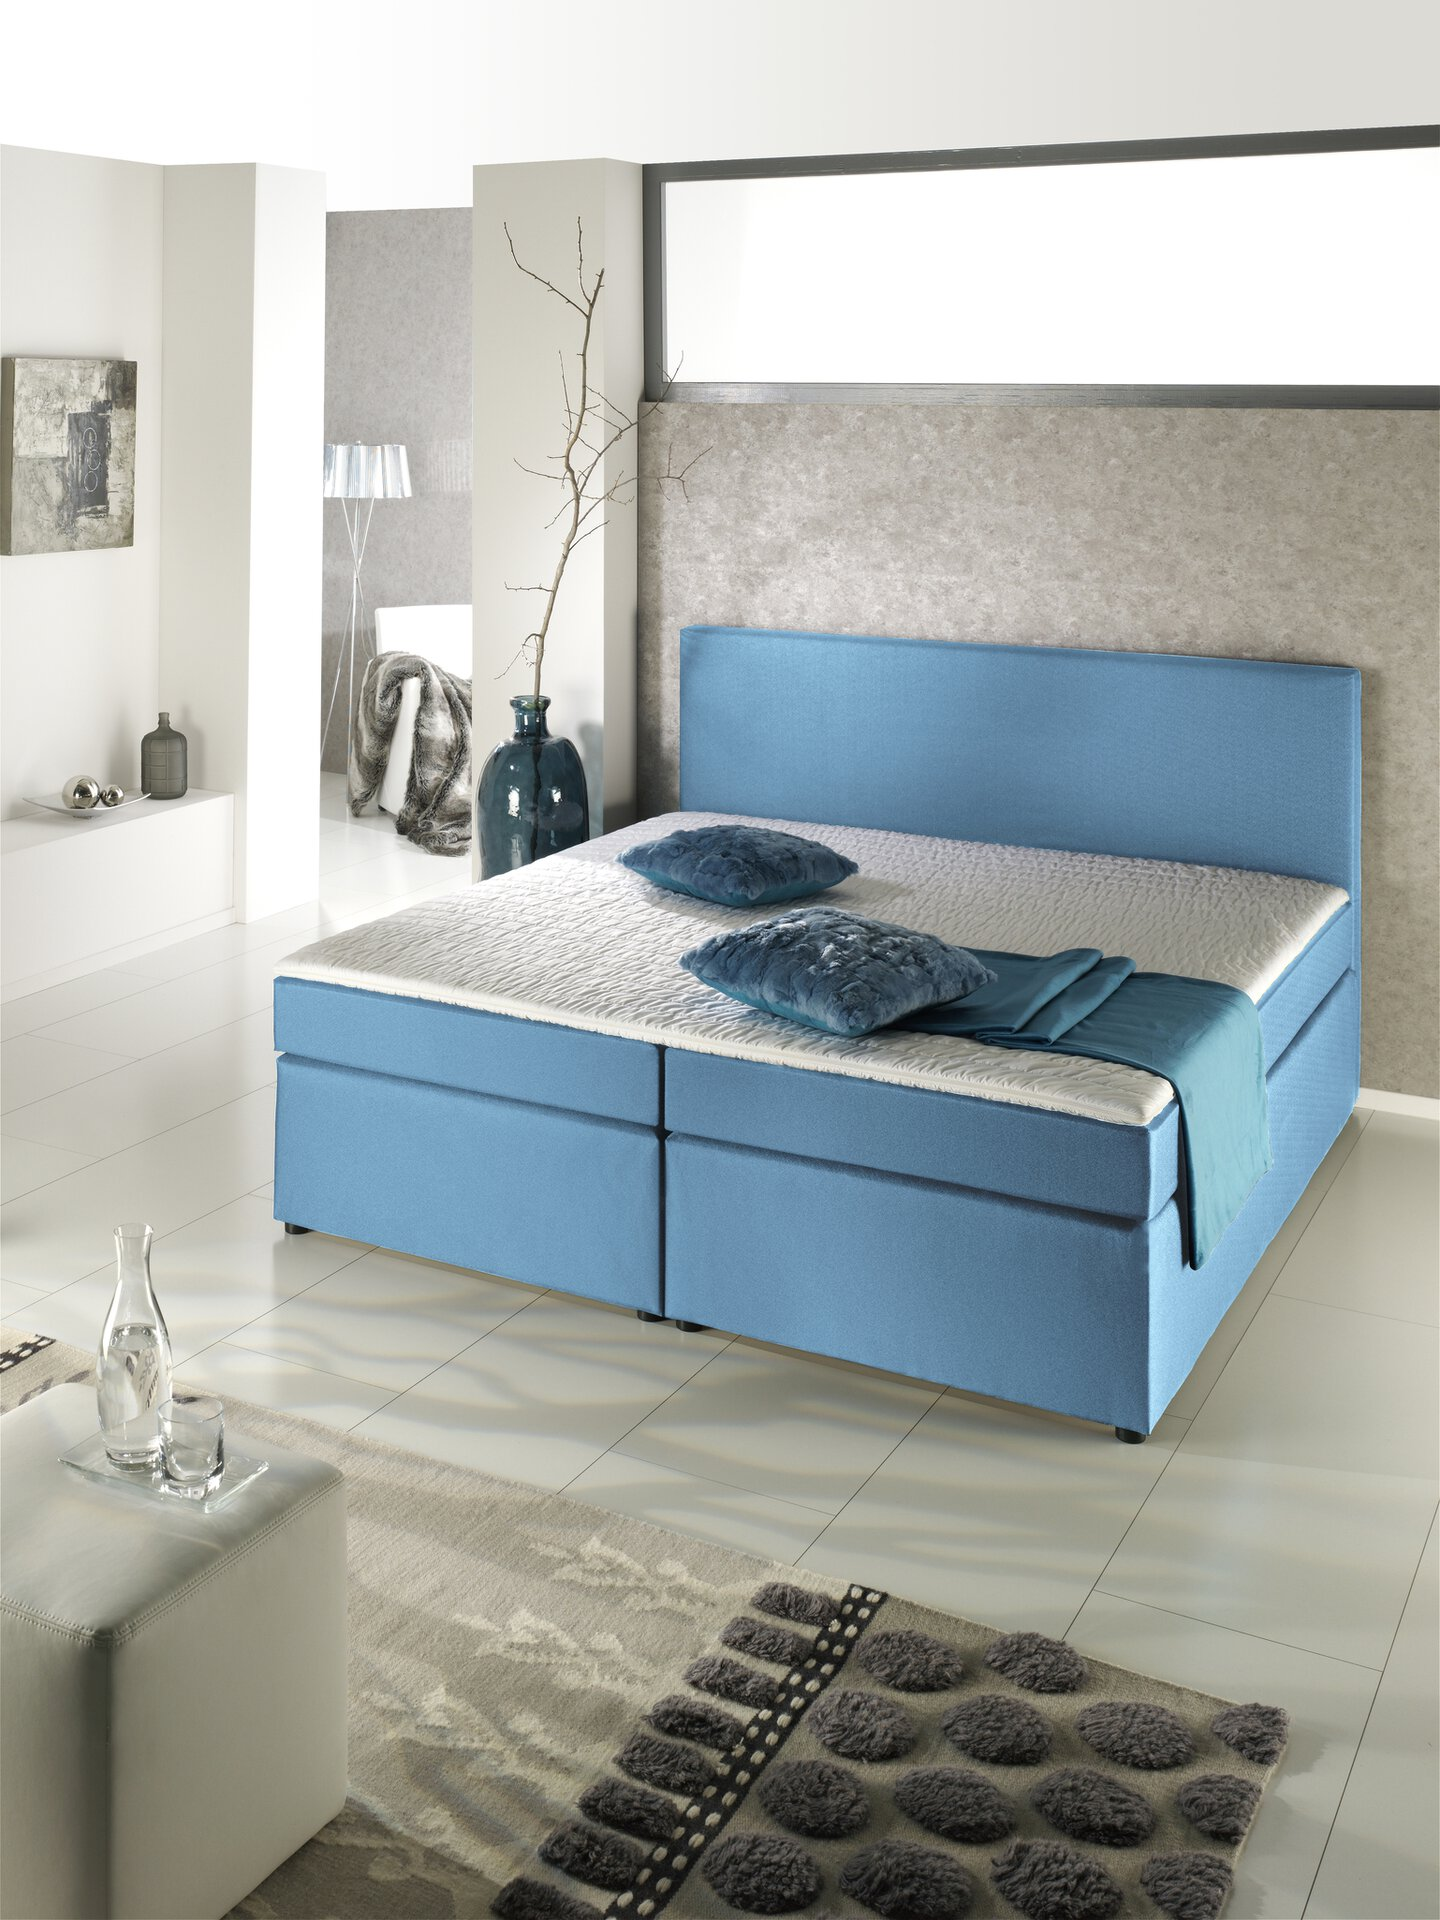 Boxspringbett MICHIGAN Sun Garden Textil Blau 208 x 105 x 140 cm